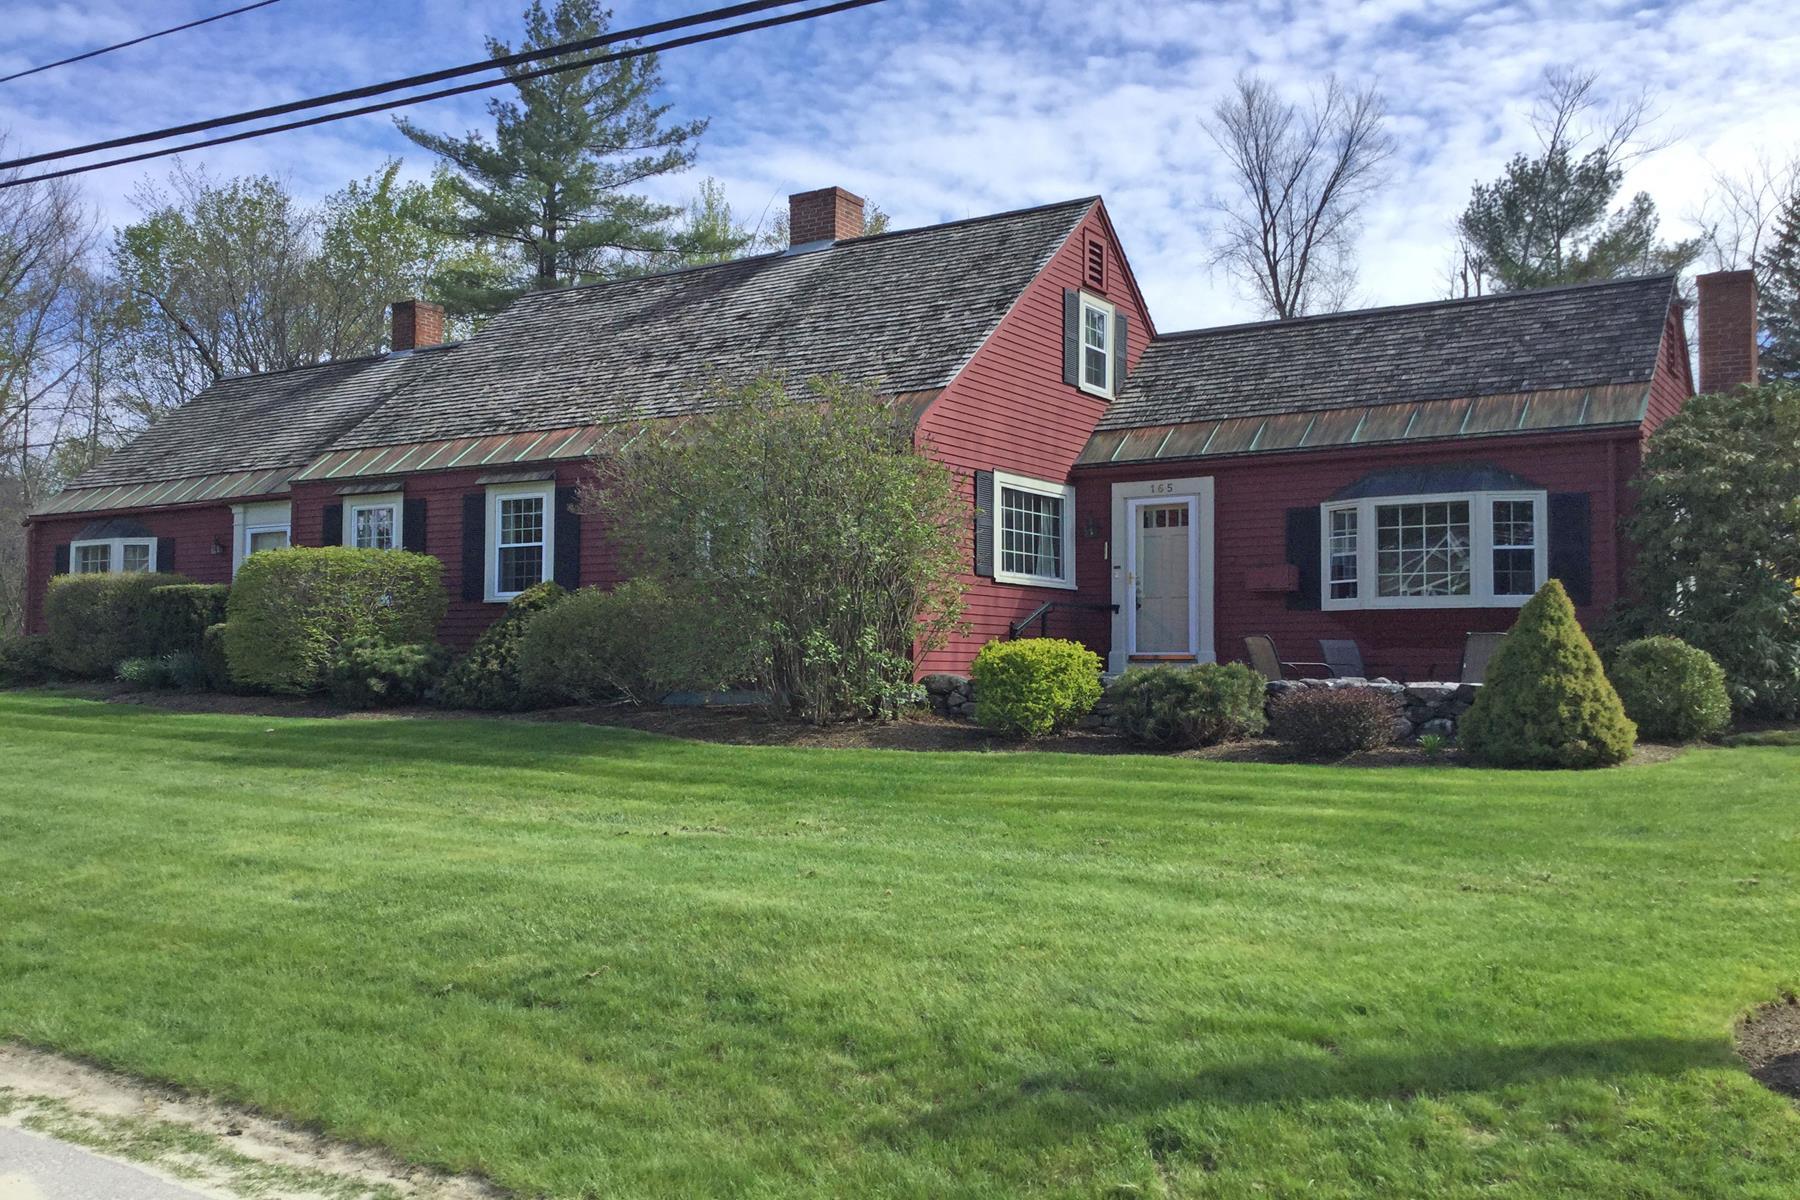 Частный односемейный дом для того Продажа на 165 Everett, New London New London, Нью-Гэмпшир, 03257 Соединенные Штаты